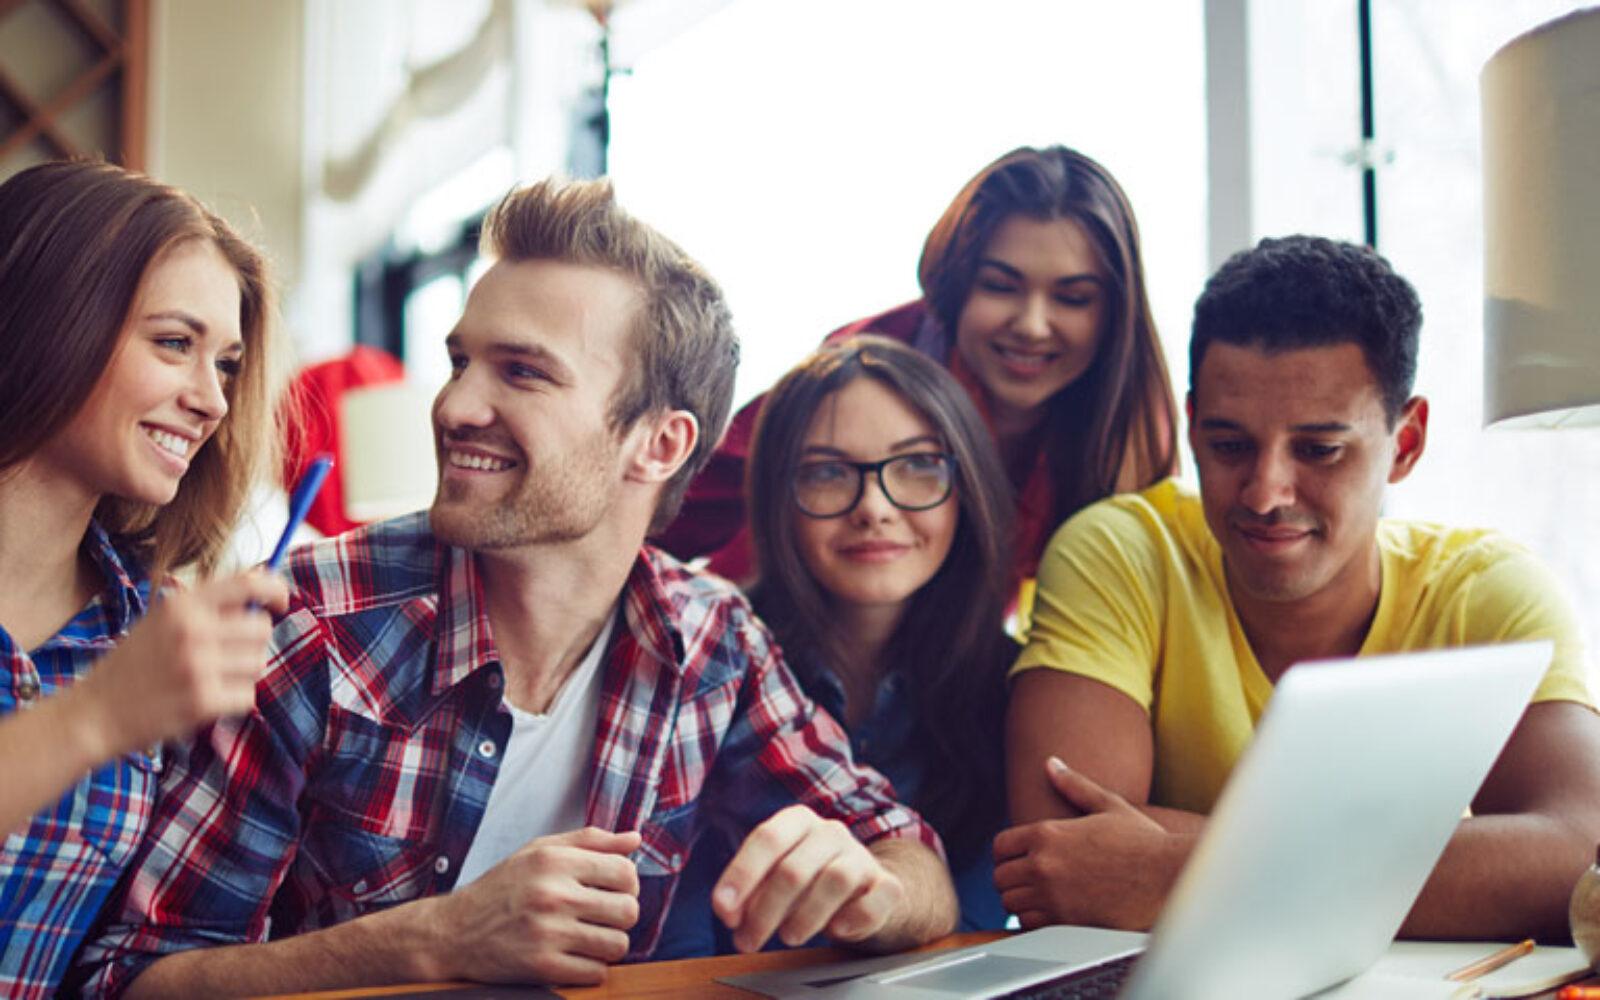 Studiranje u inozemstvu ima svoje prednosti, ali one nisu ključne ...